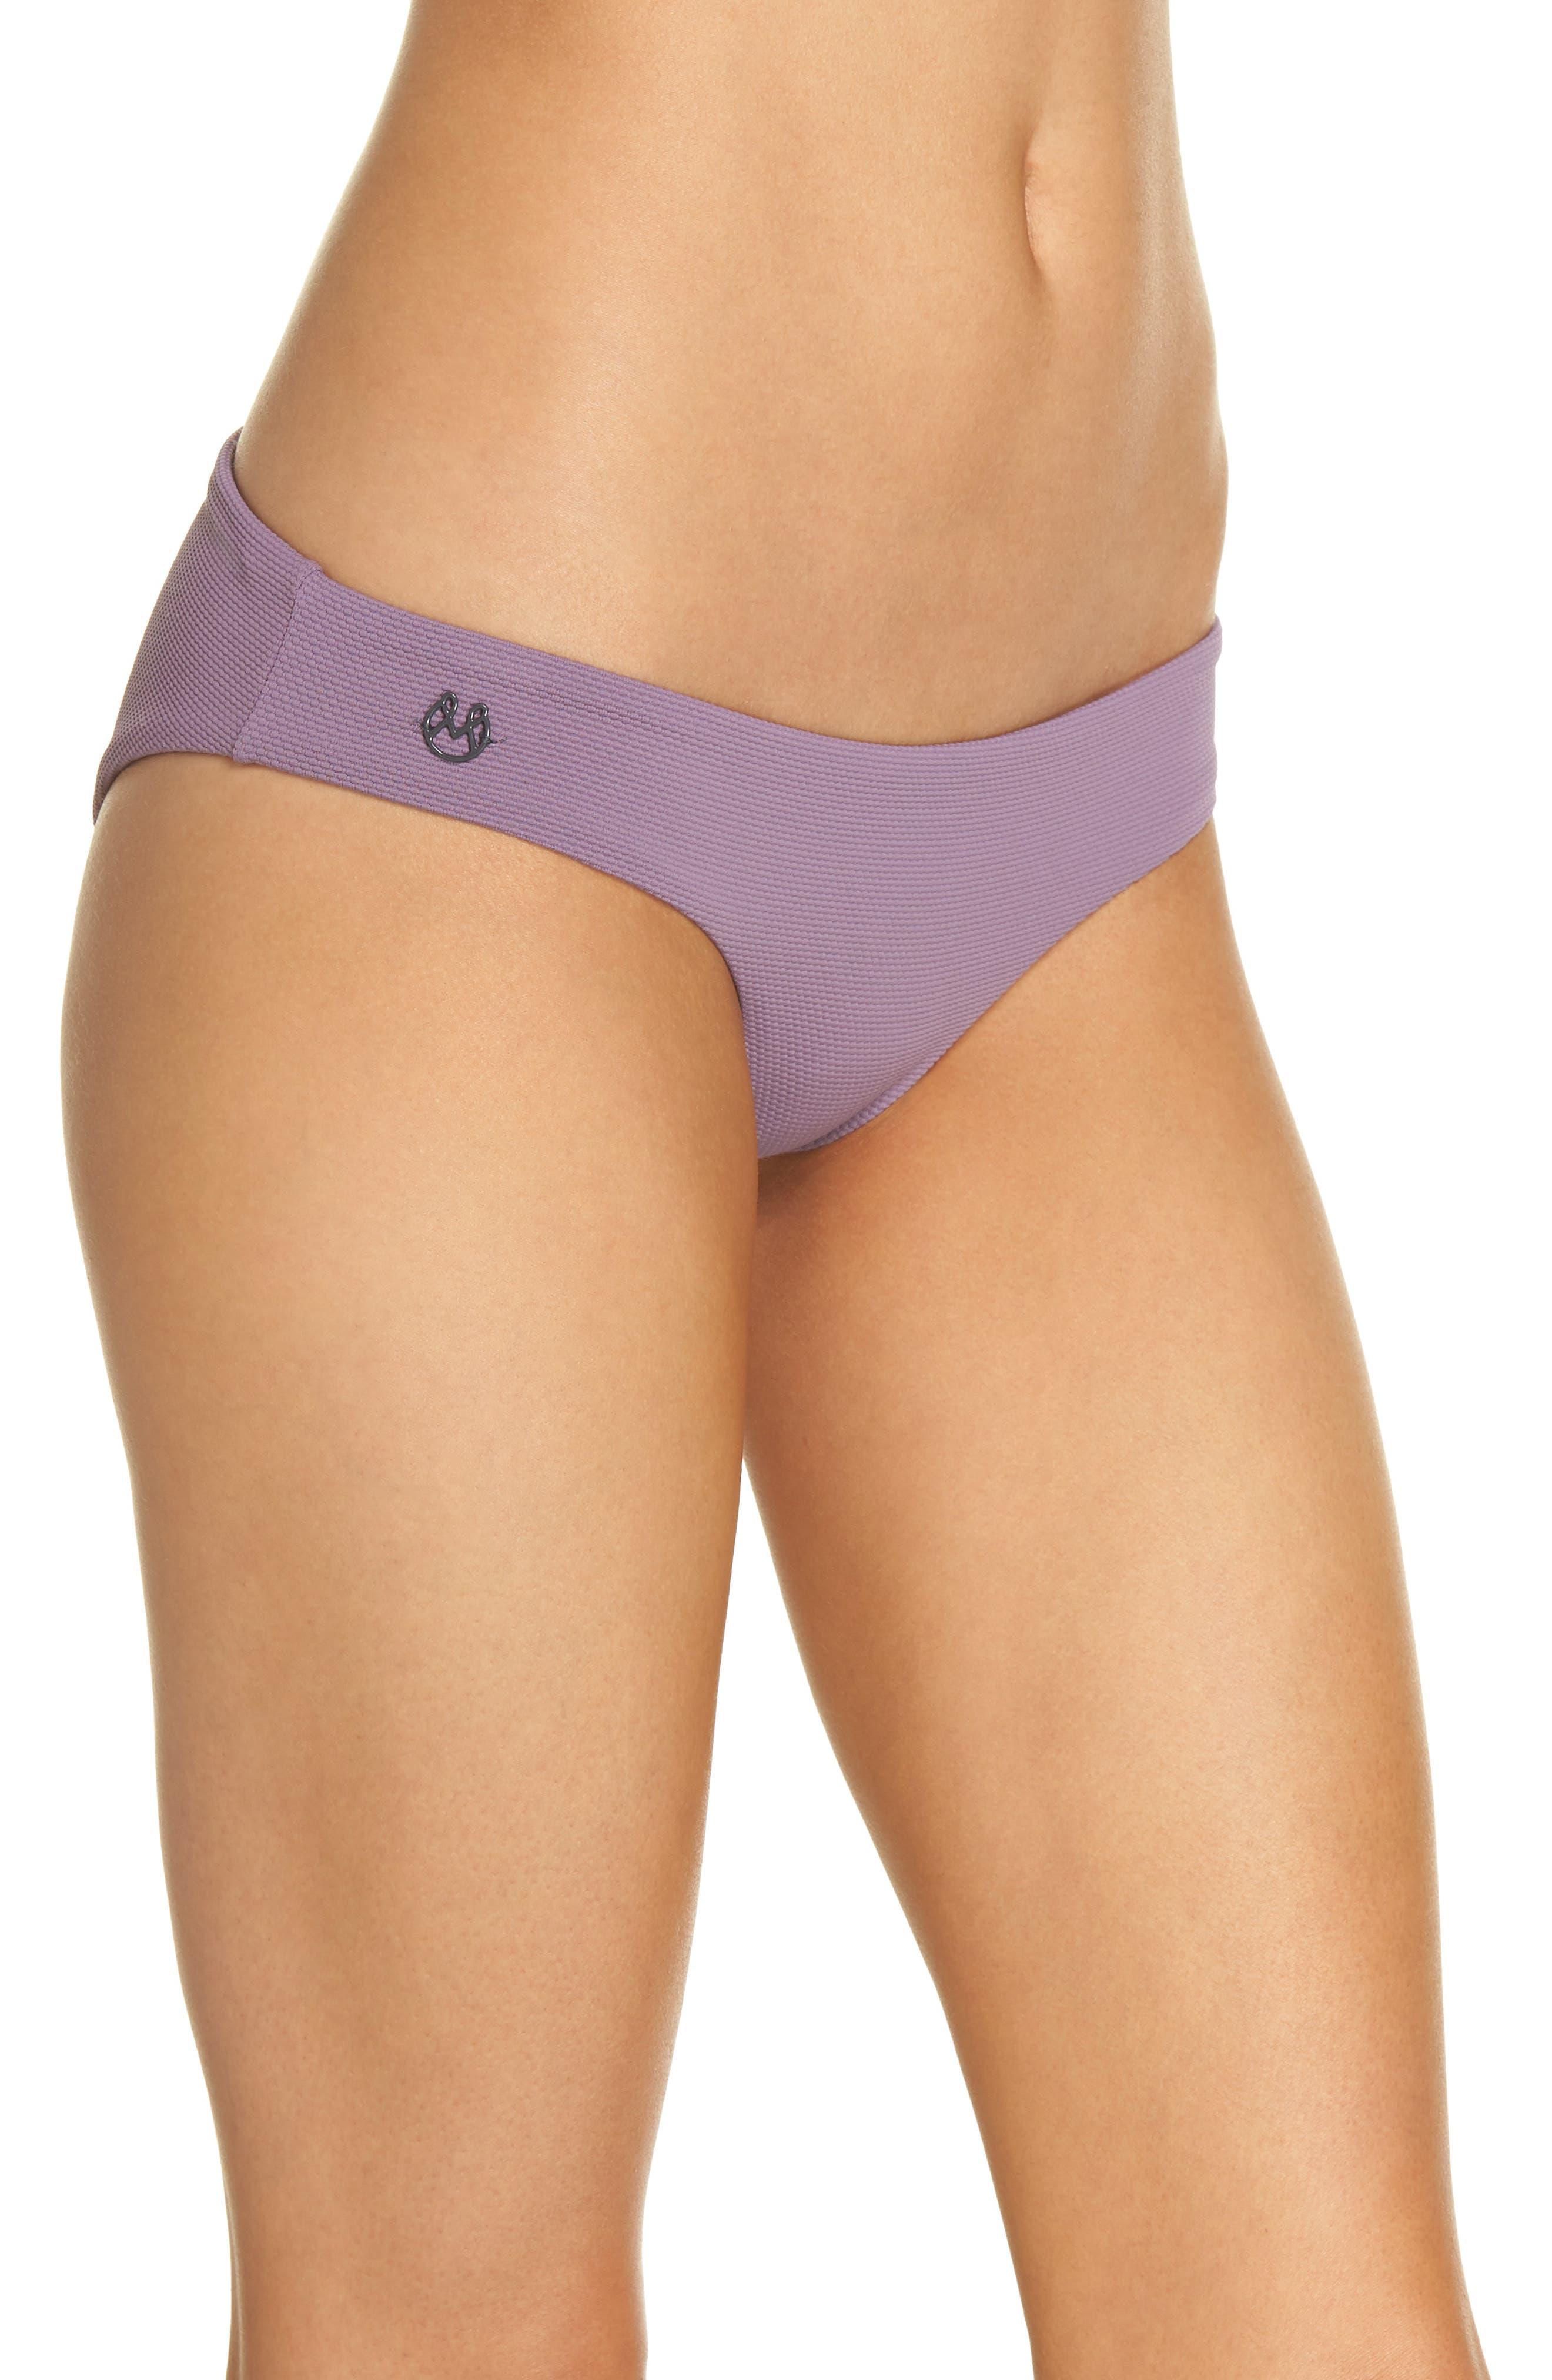 Purple Sage Sublime Signature Reversible Bikini Bottoms,                             Alternate thumbnail 4, color,